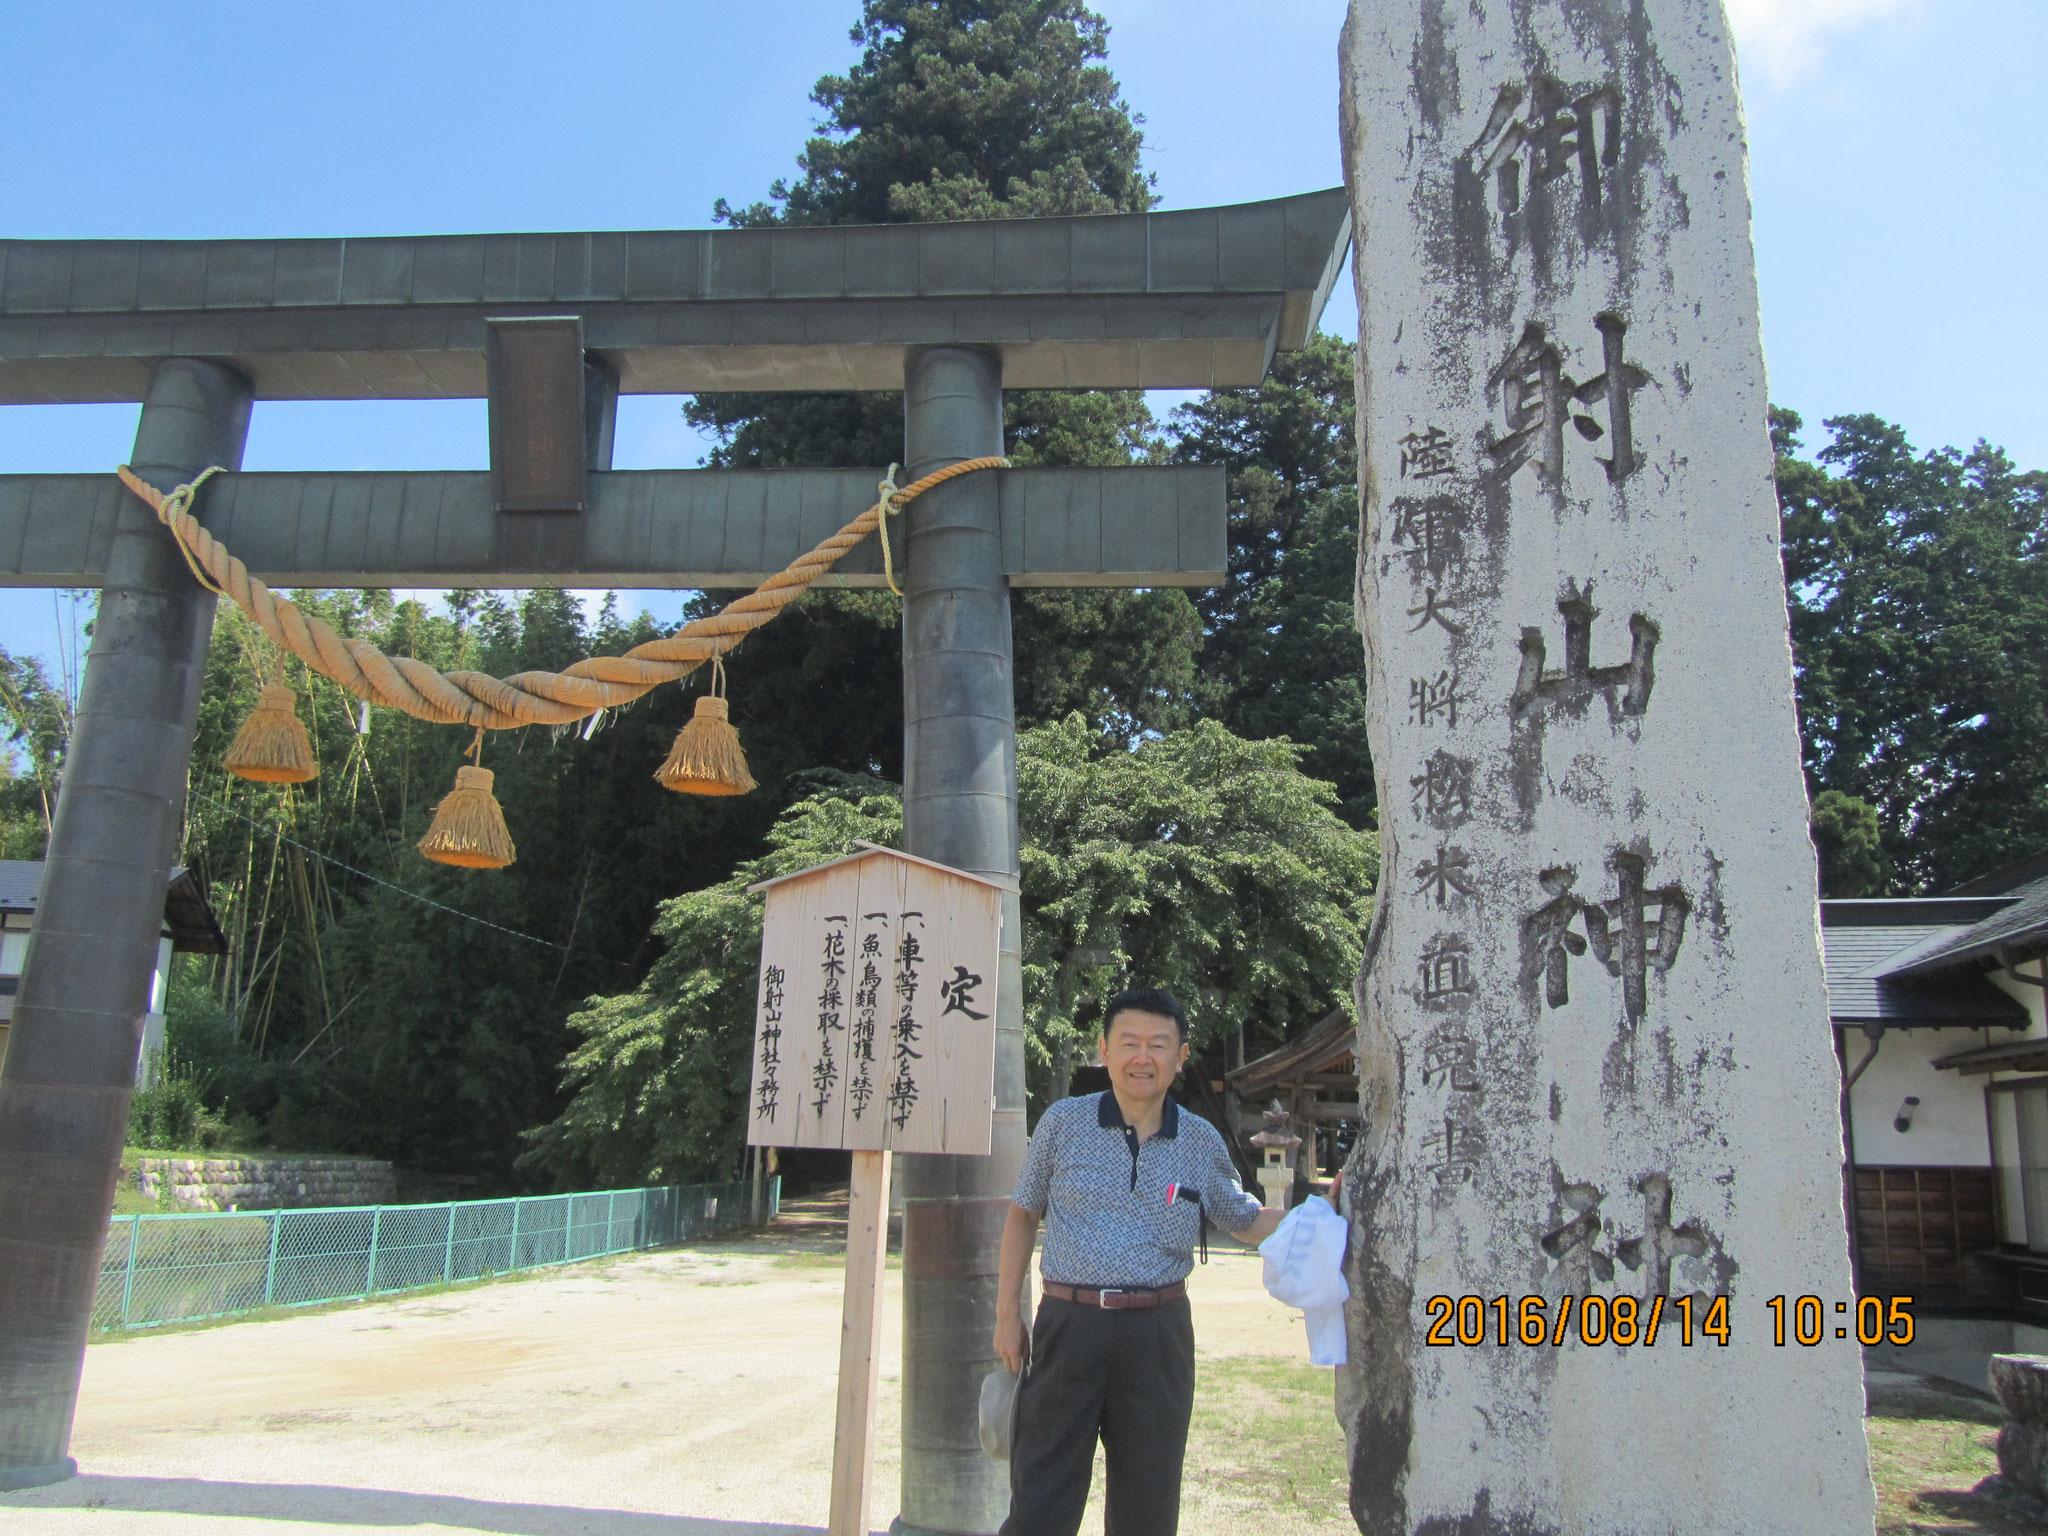 御射山神社周辺には片桐の名が付く里が七つあったそうです。  七里(ななさと)と呼ばれます。